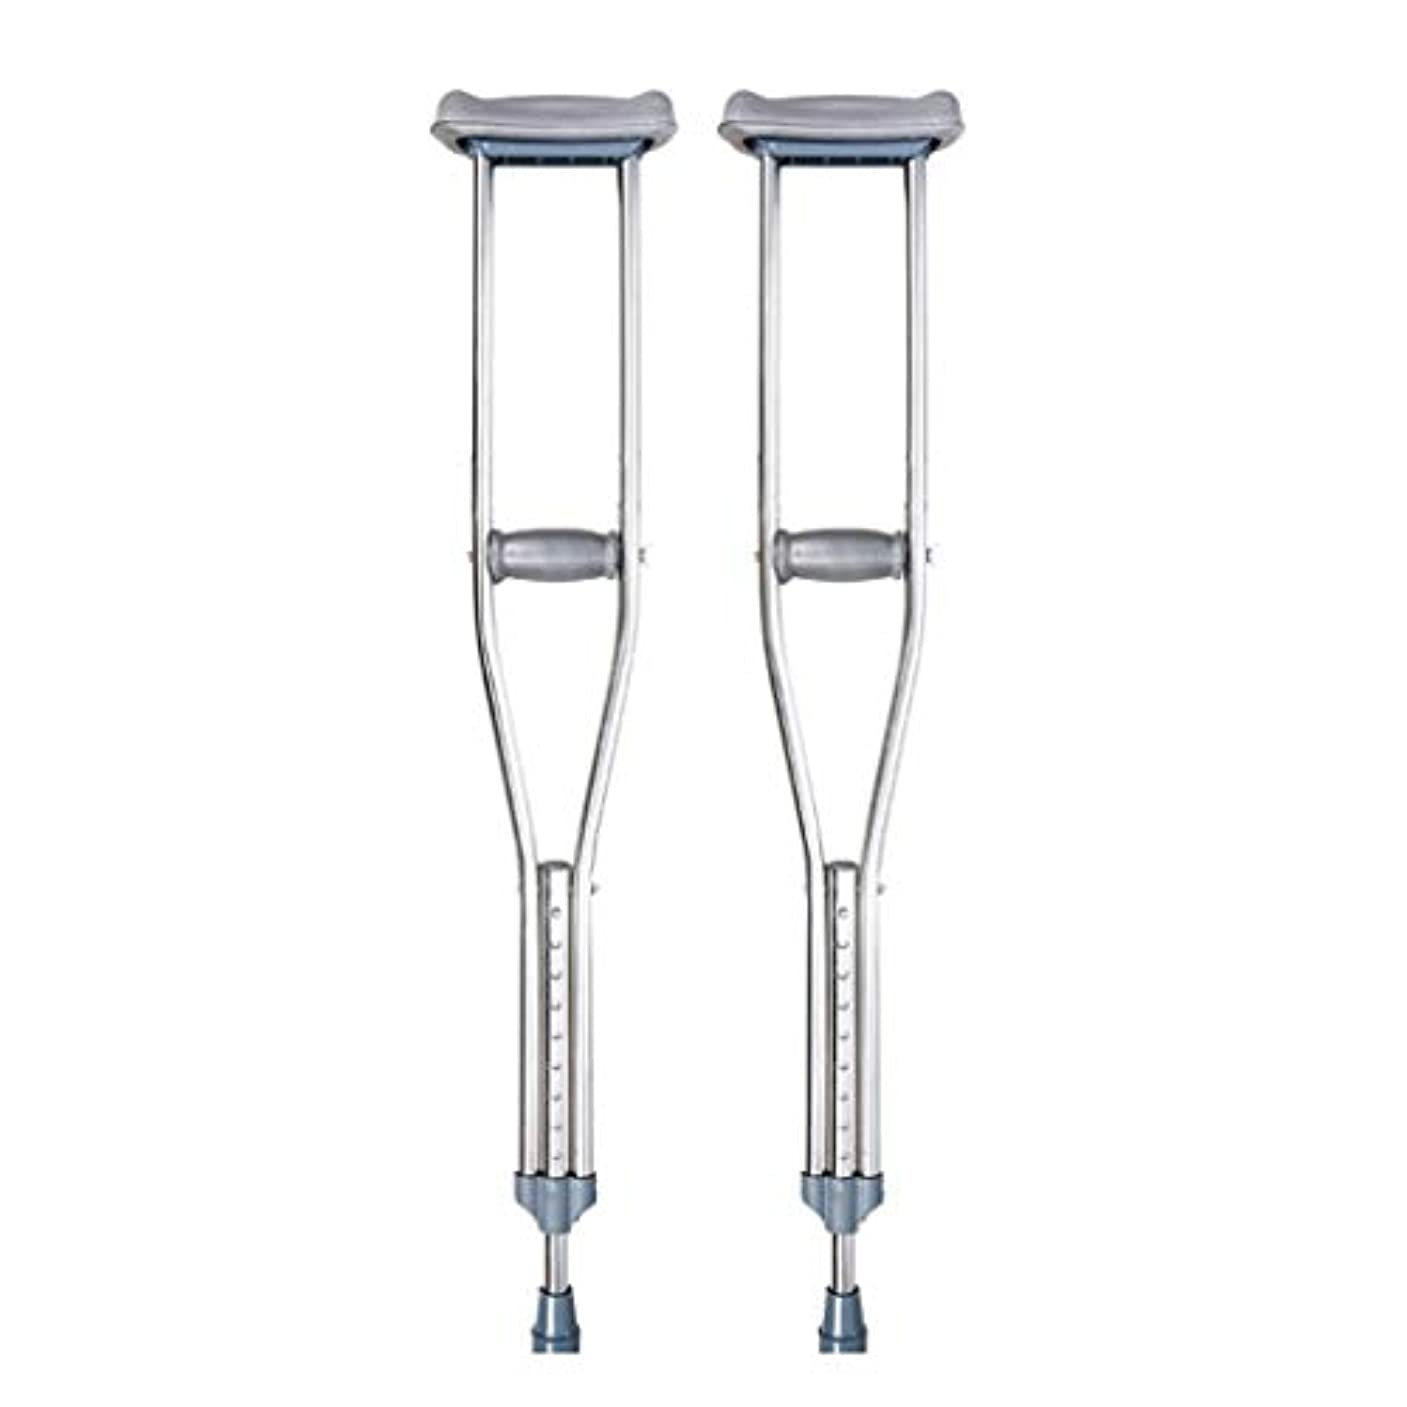 付ける贅沢な売上高ダブルアジャスタブル松葉杖、大人用松葉杖、調節可能なステンレススチール松葉杖、ダブルアジャスタブル、軽量歩行補助具 Double Small